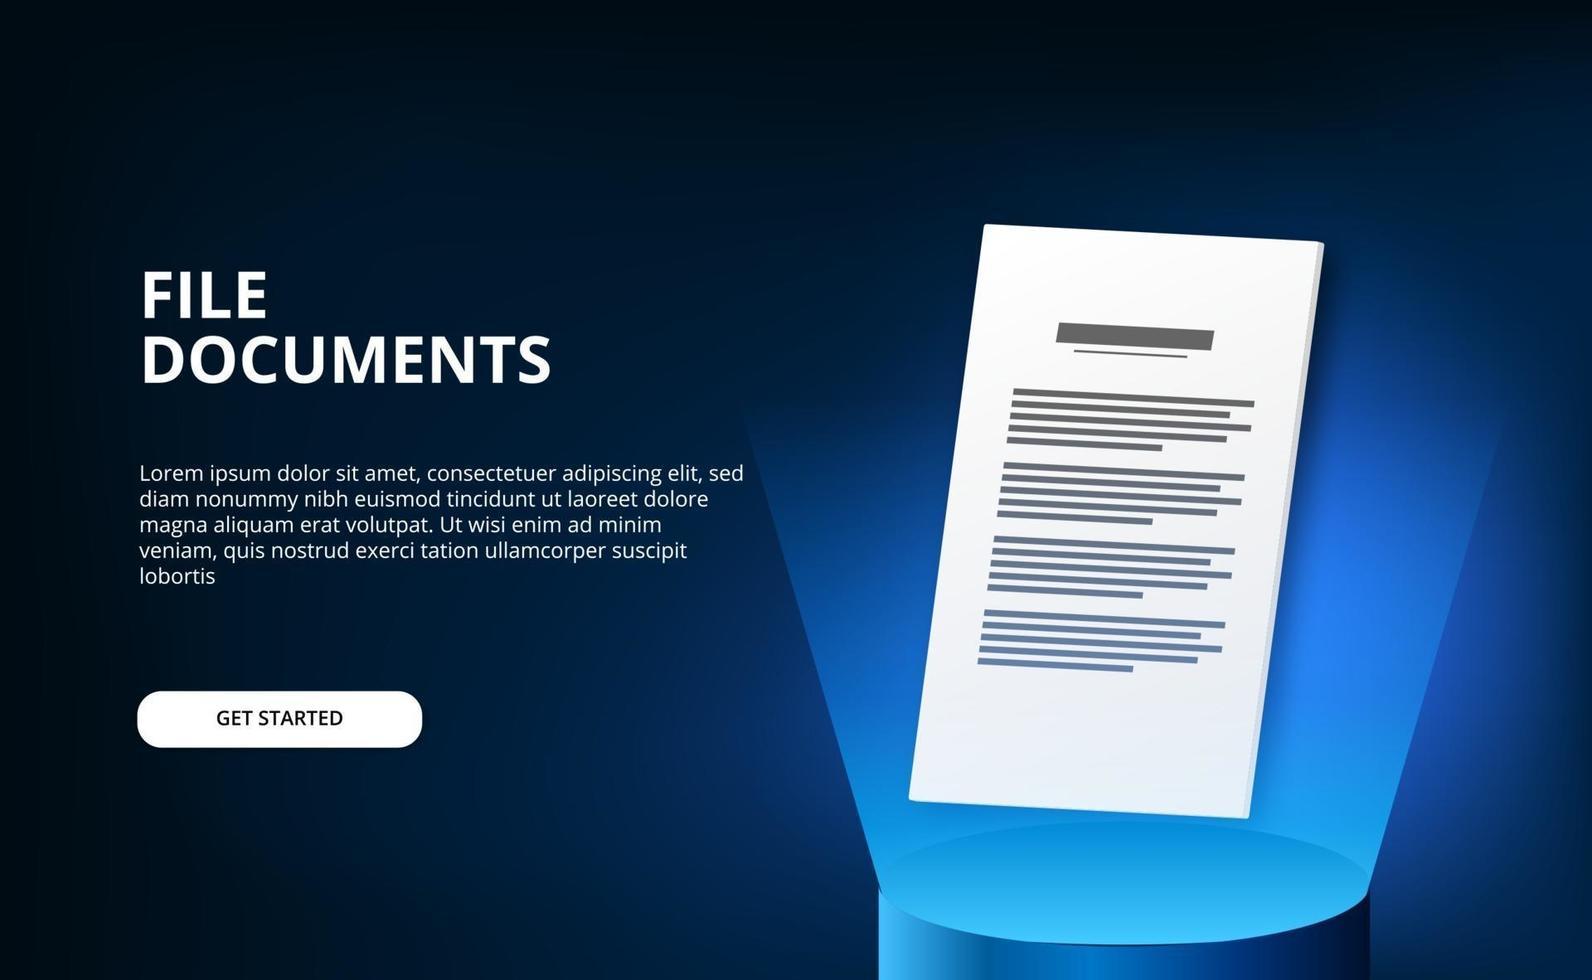 Documentos de archivo 3d en papel con podio de cilindro 3d con tecnología de luz azul vector